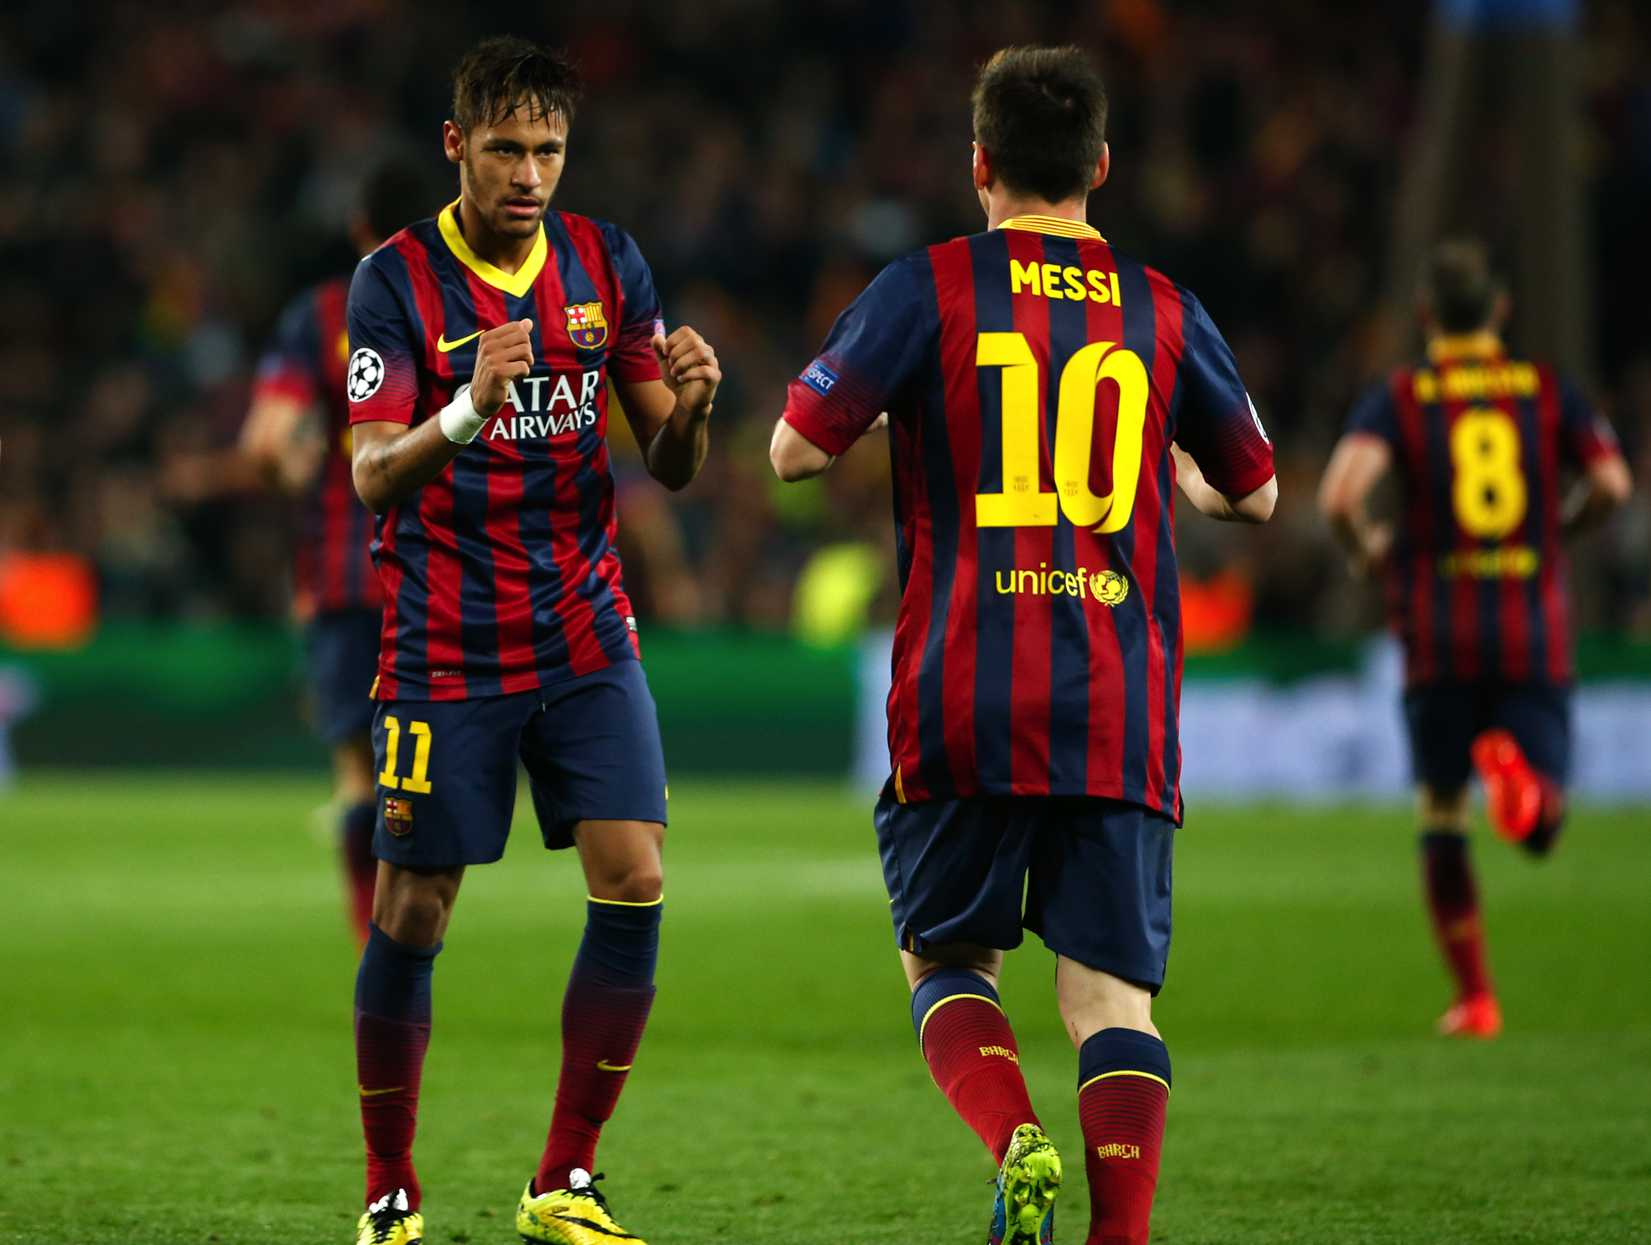 Barcelona x PSG: Neymar manda mensagem do Instagram para Lionel Messi